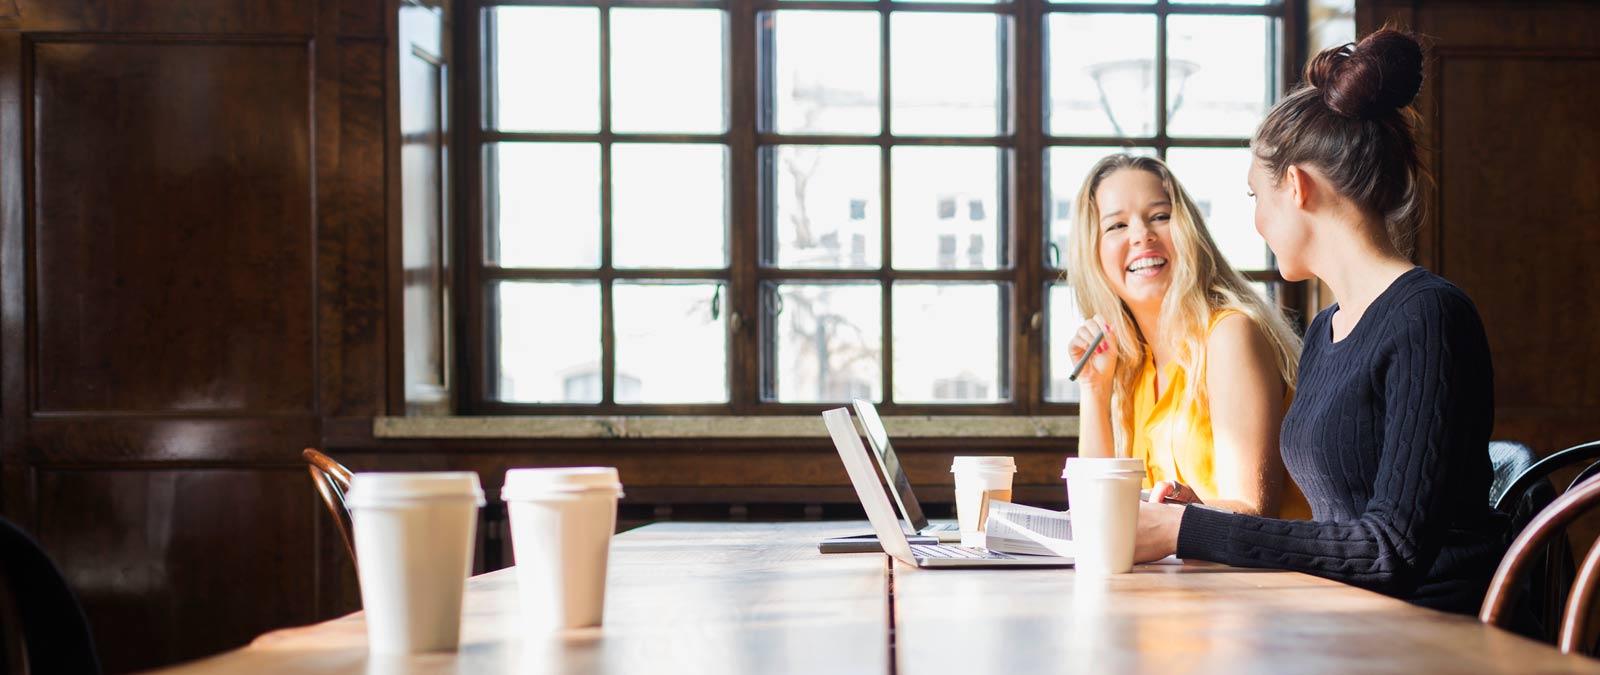 Dois homens sentados lado a lado, usando o Office 365 ProPlus em laptops.